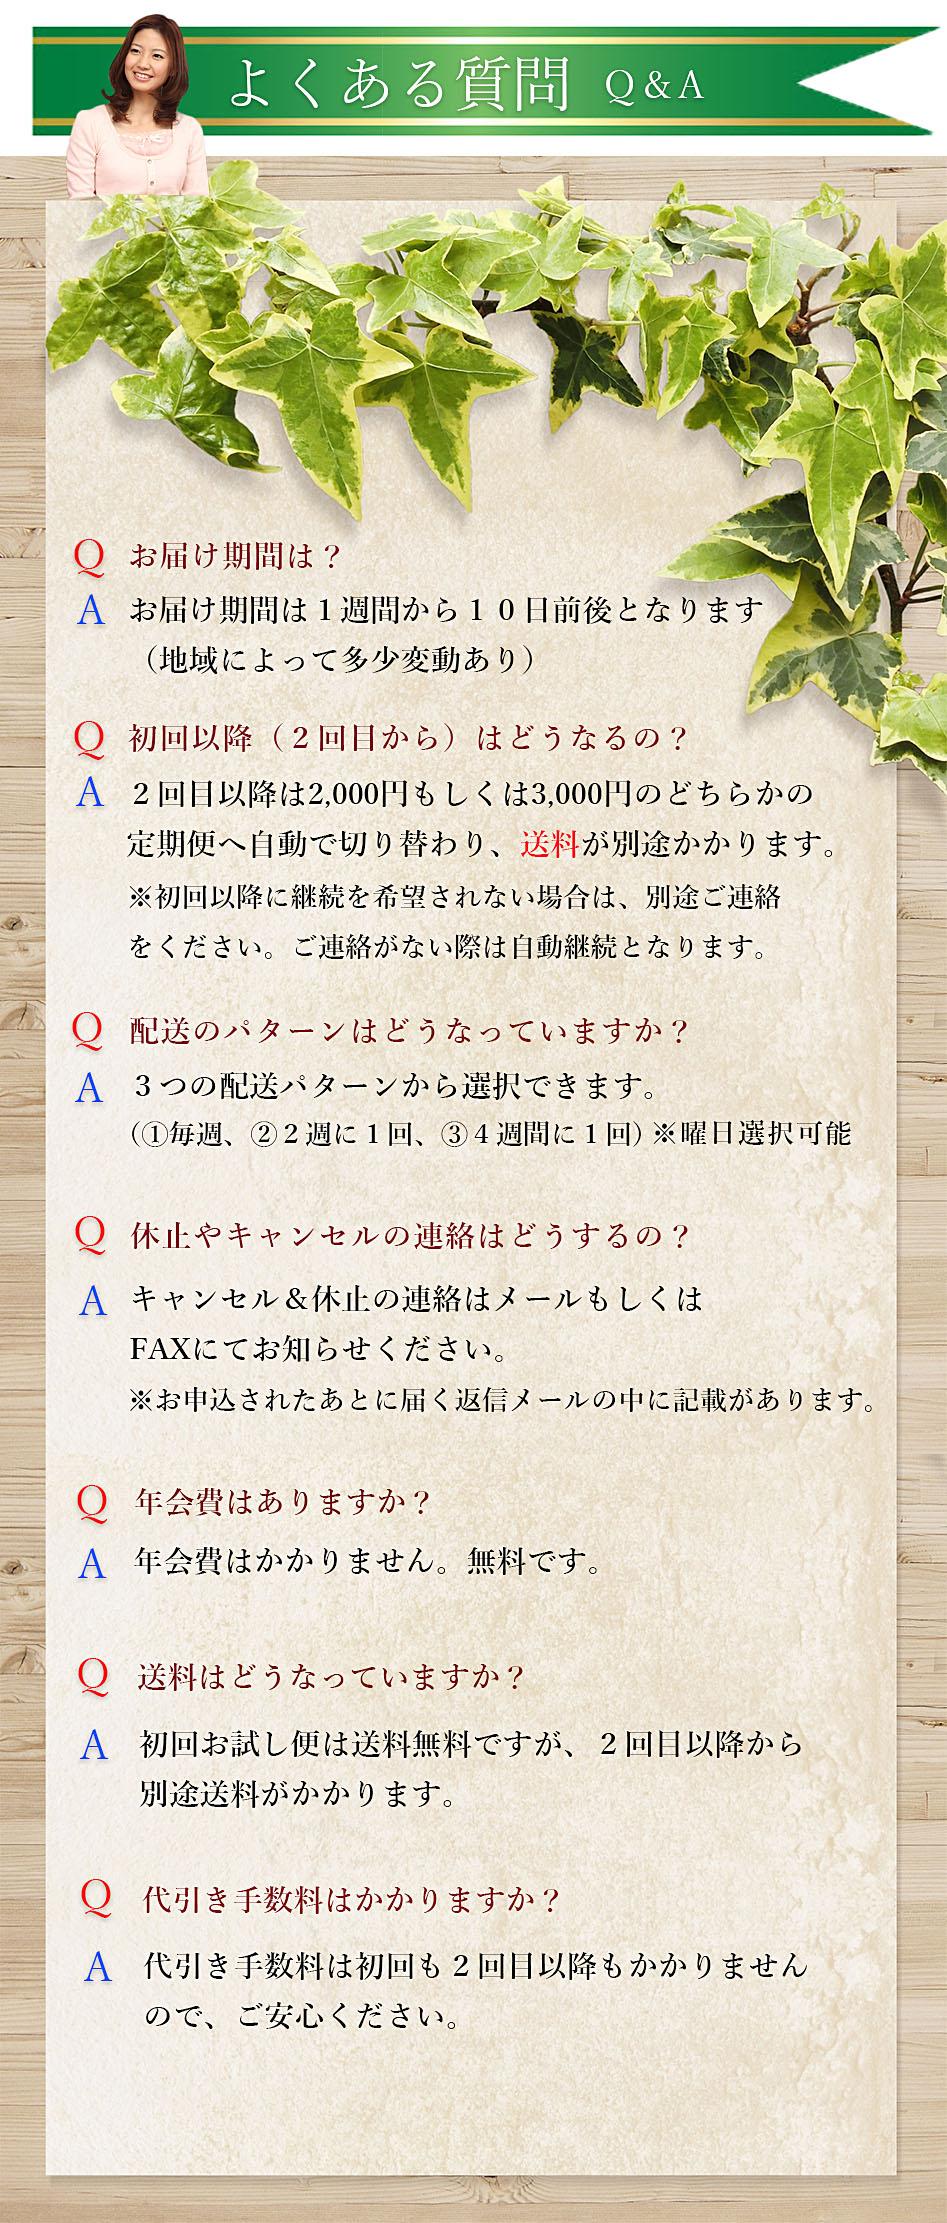 よくある質問1-4